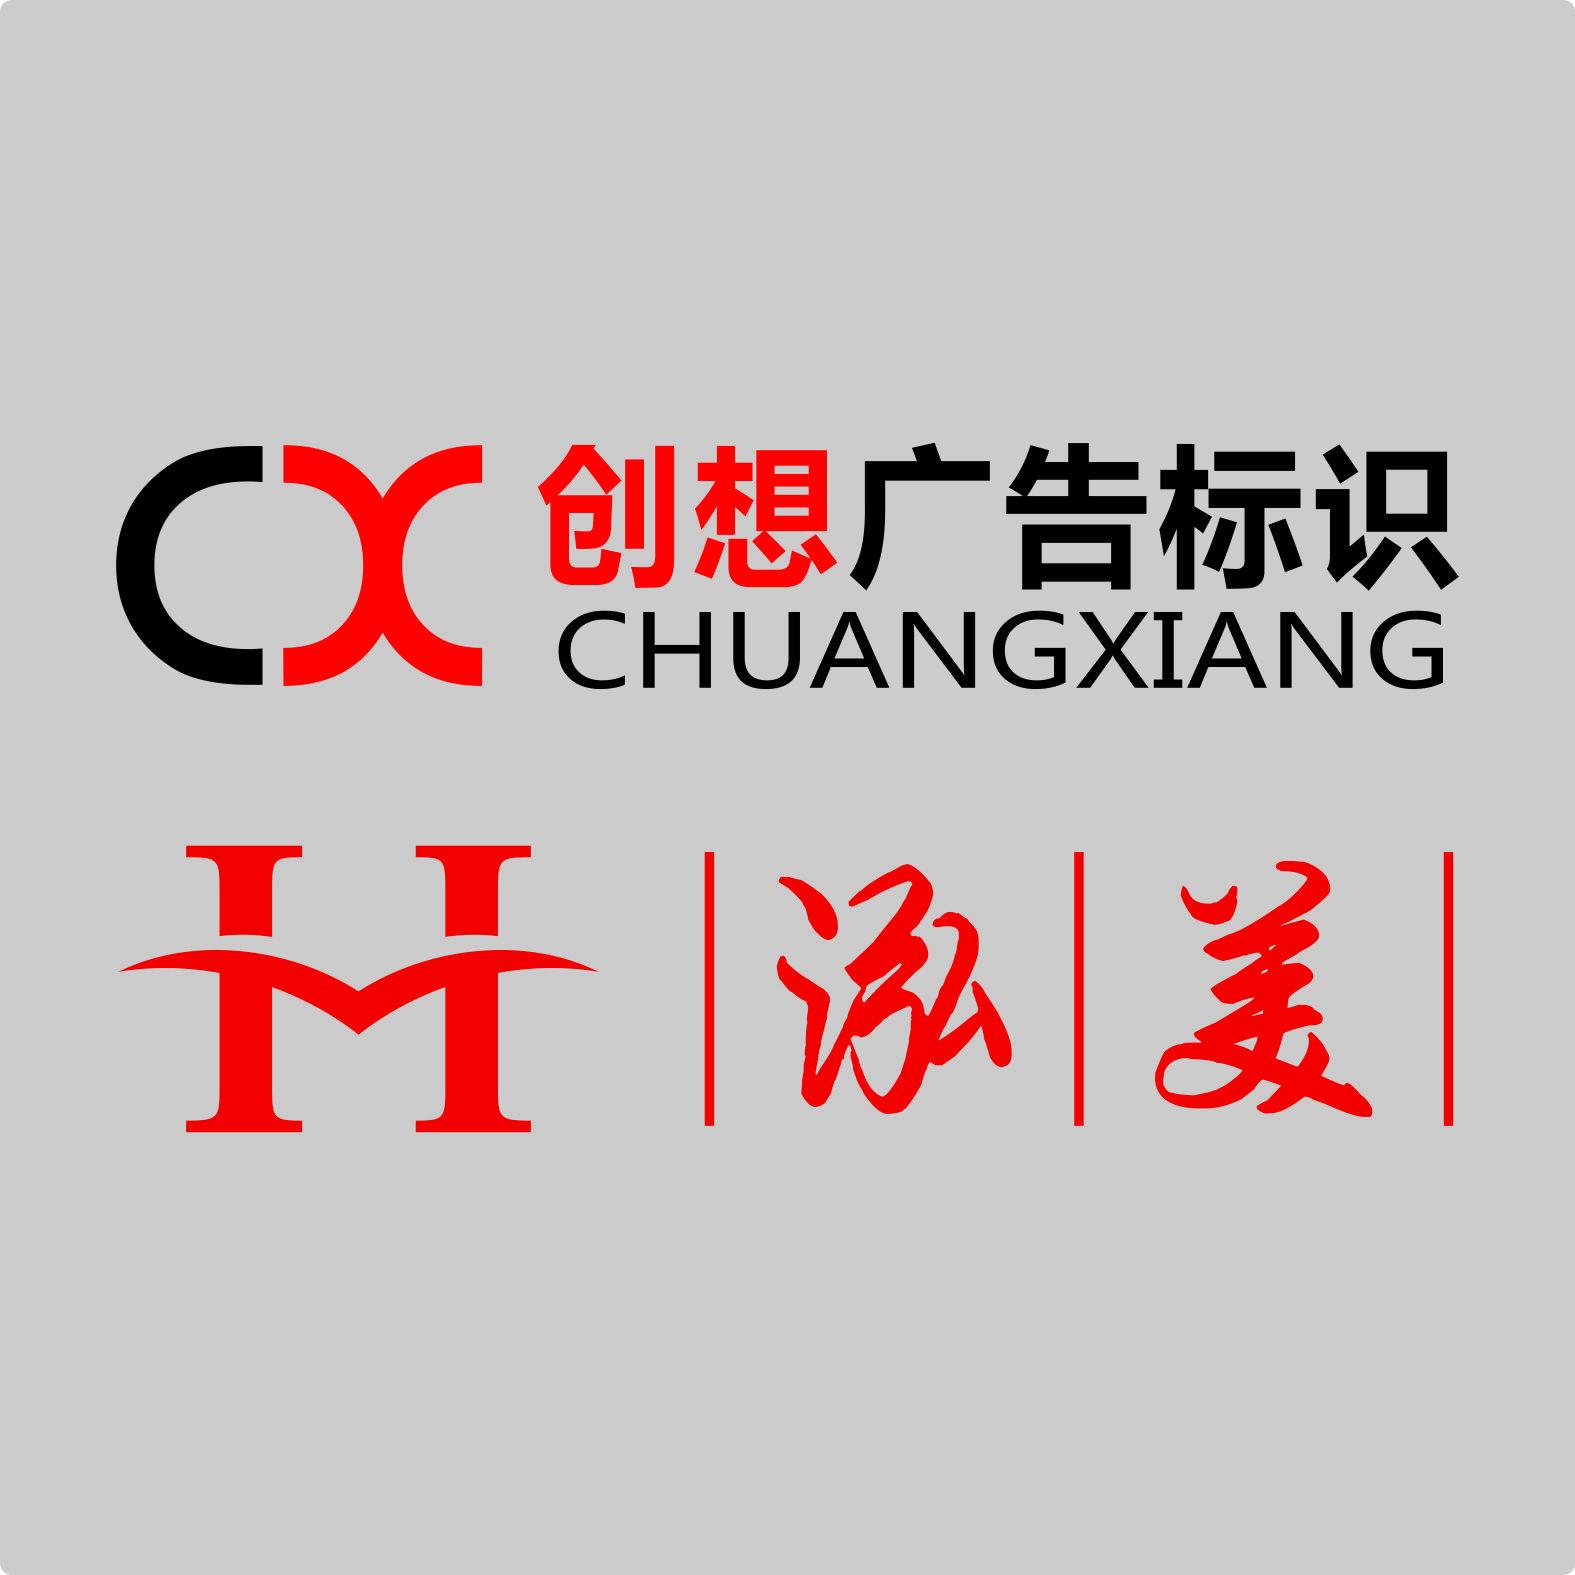 杭州泓美藝術景觀工程有限公司